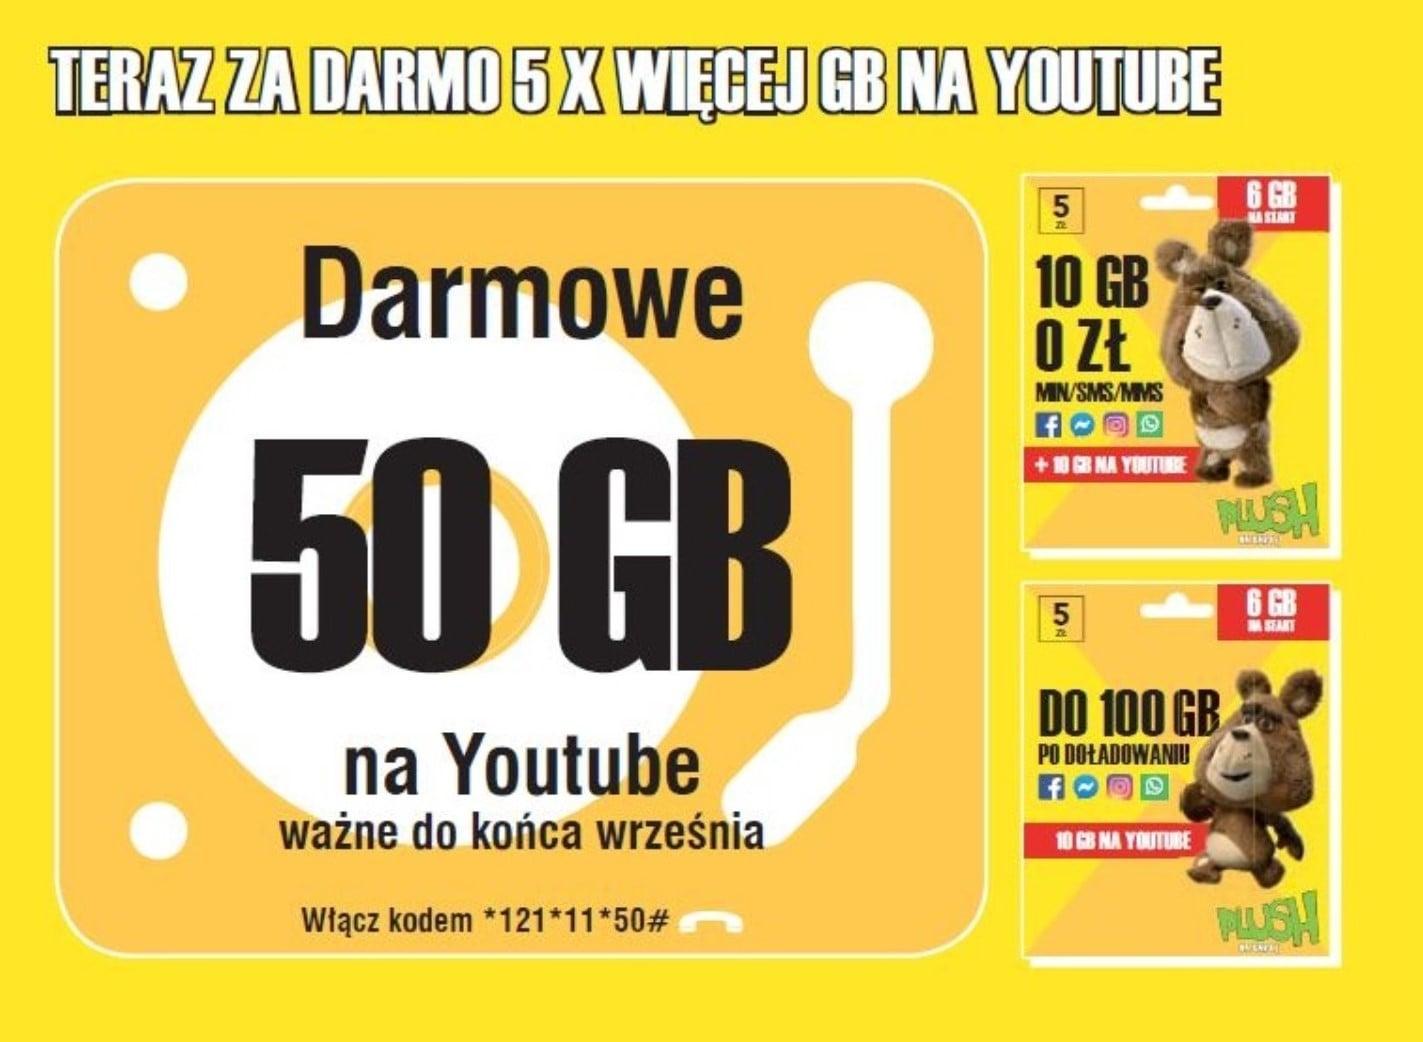 Jak dają, to brać! 50 GB na YouTube za darmo w Plush na Kartę 18